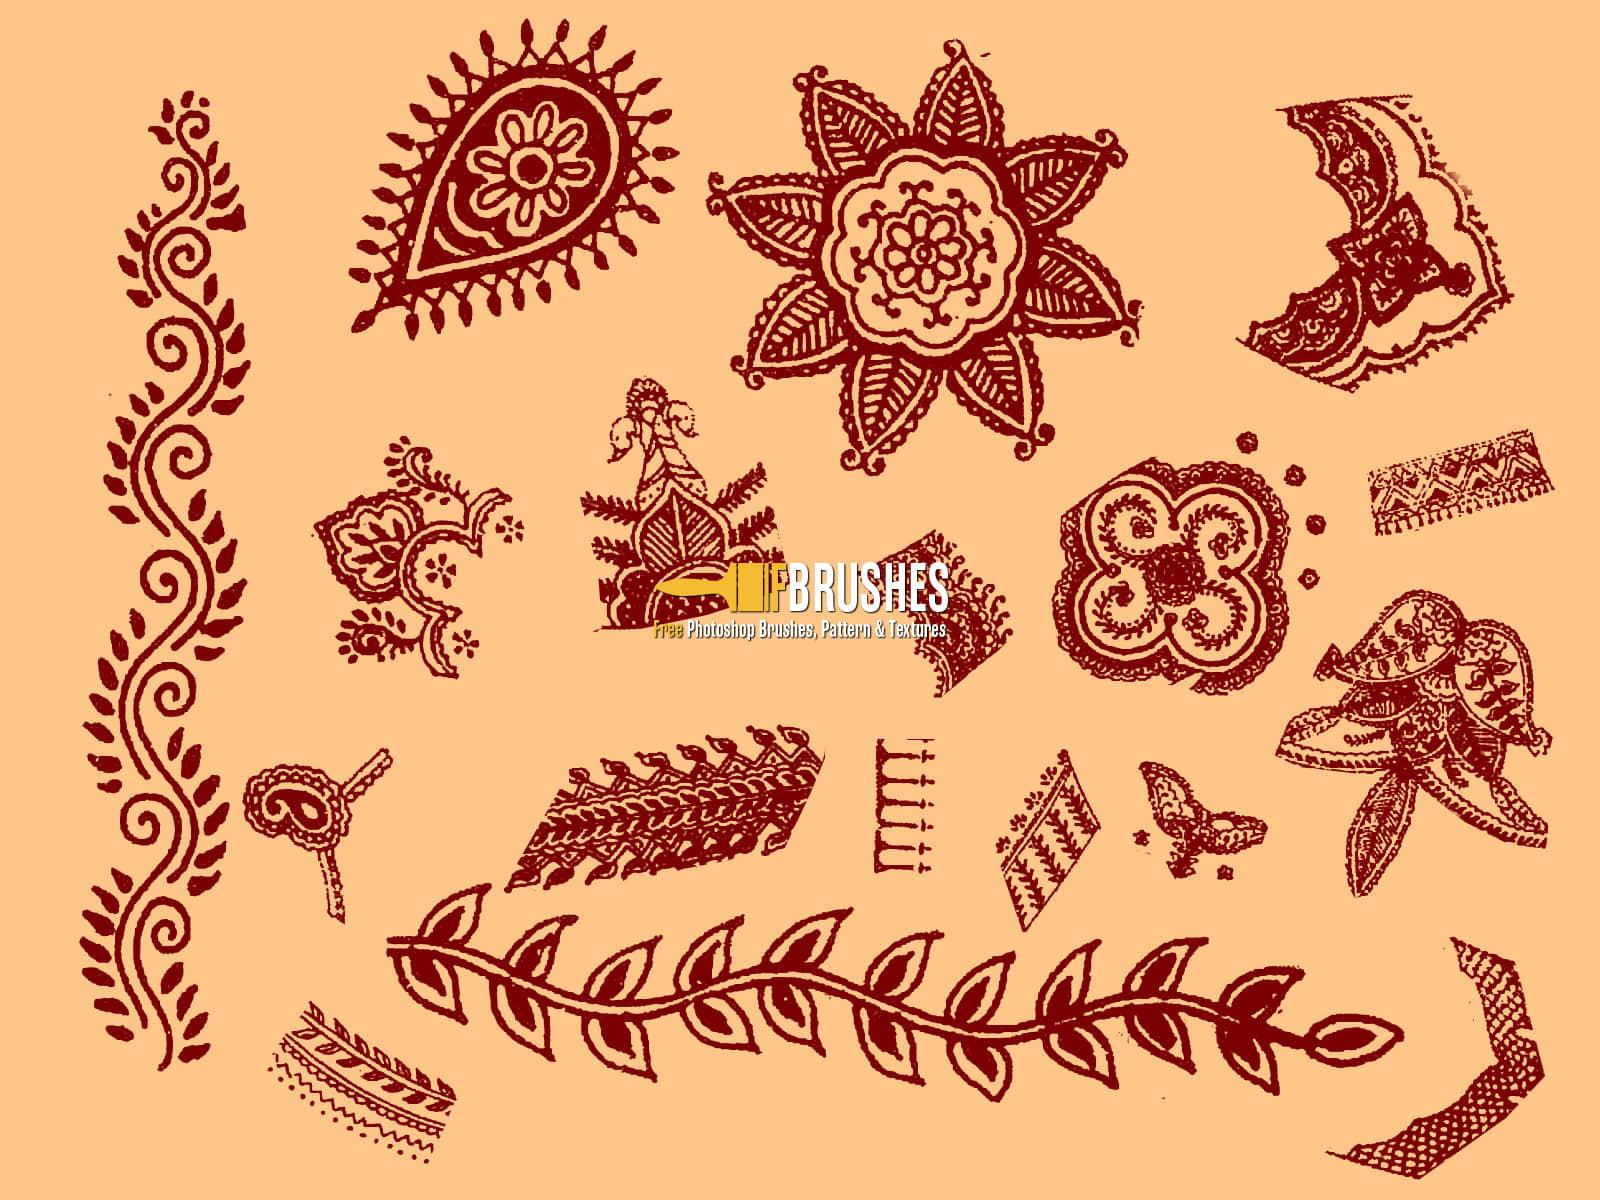 漂亮的佩斯利植物花纹Photoshop笔刷素材 植物花纹笔刷 佩斯利花纹笔刷 佩斯利笔刷  adornment brushes flowers brushes